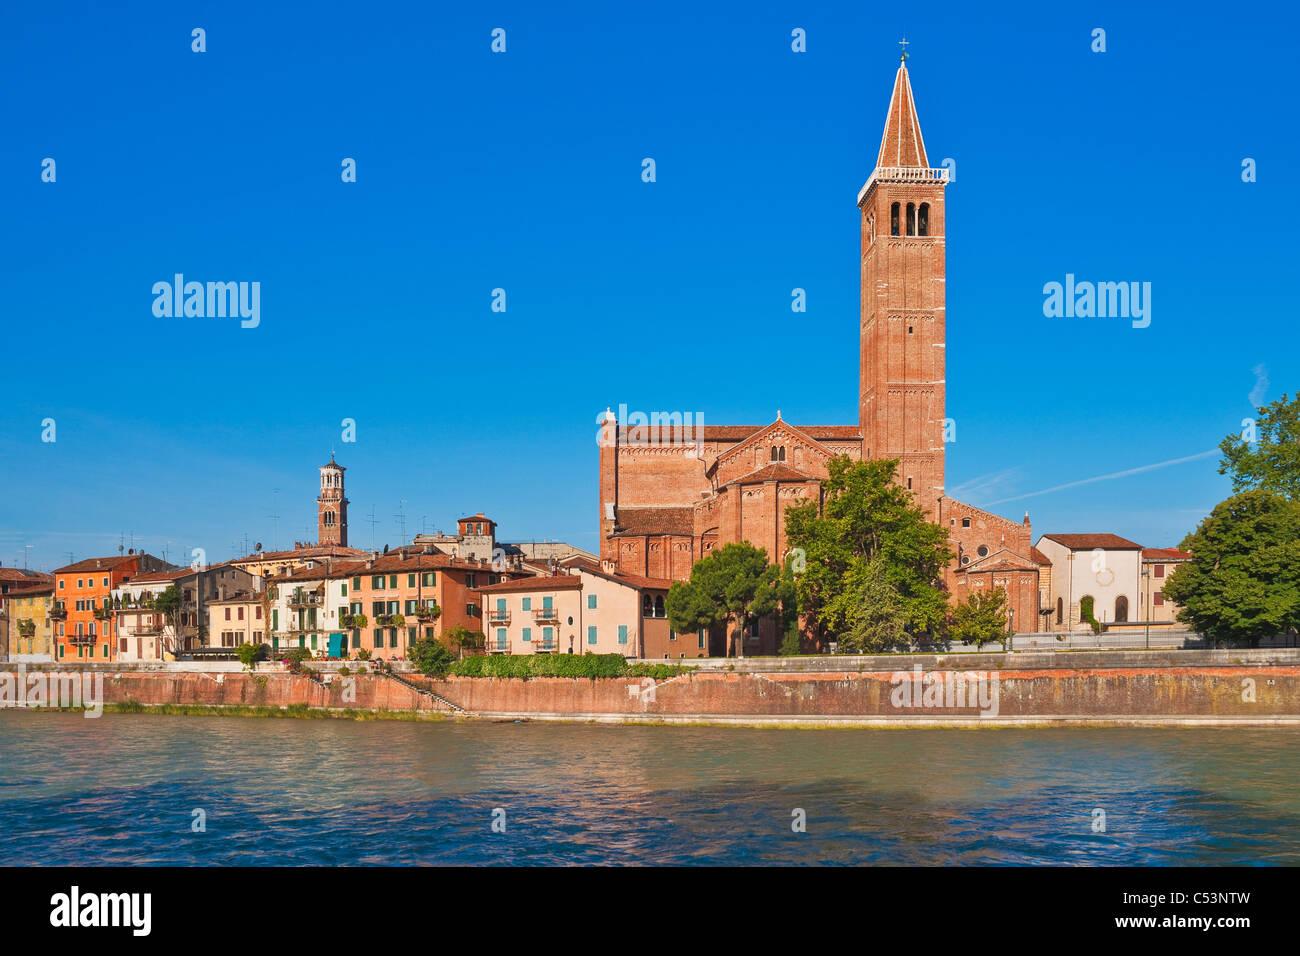 Verona, Italien | Verona, Italy Stock Photo